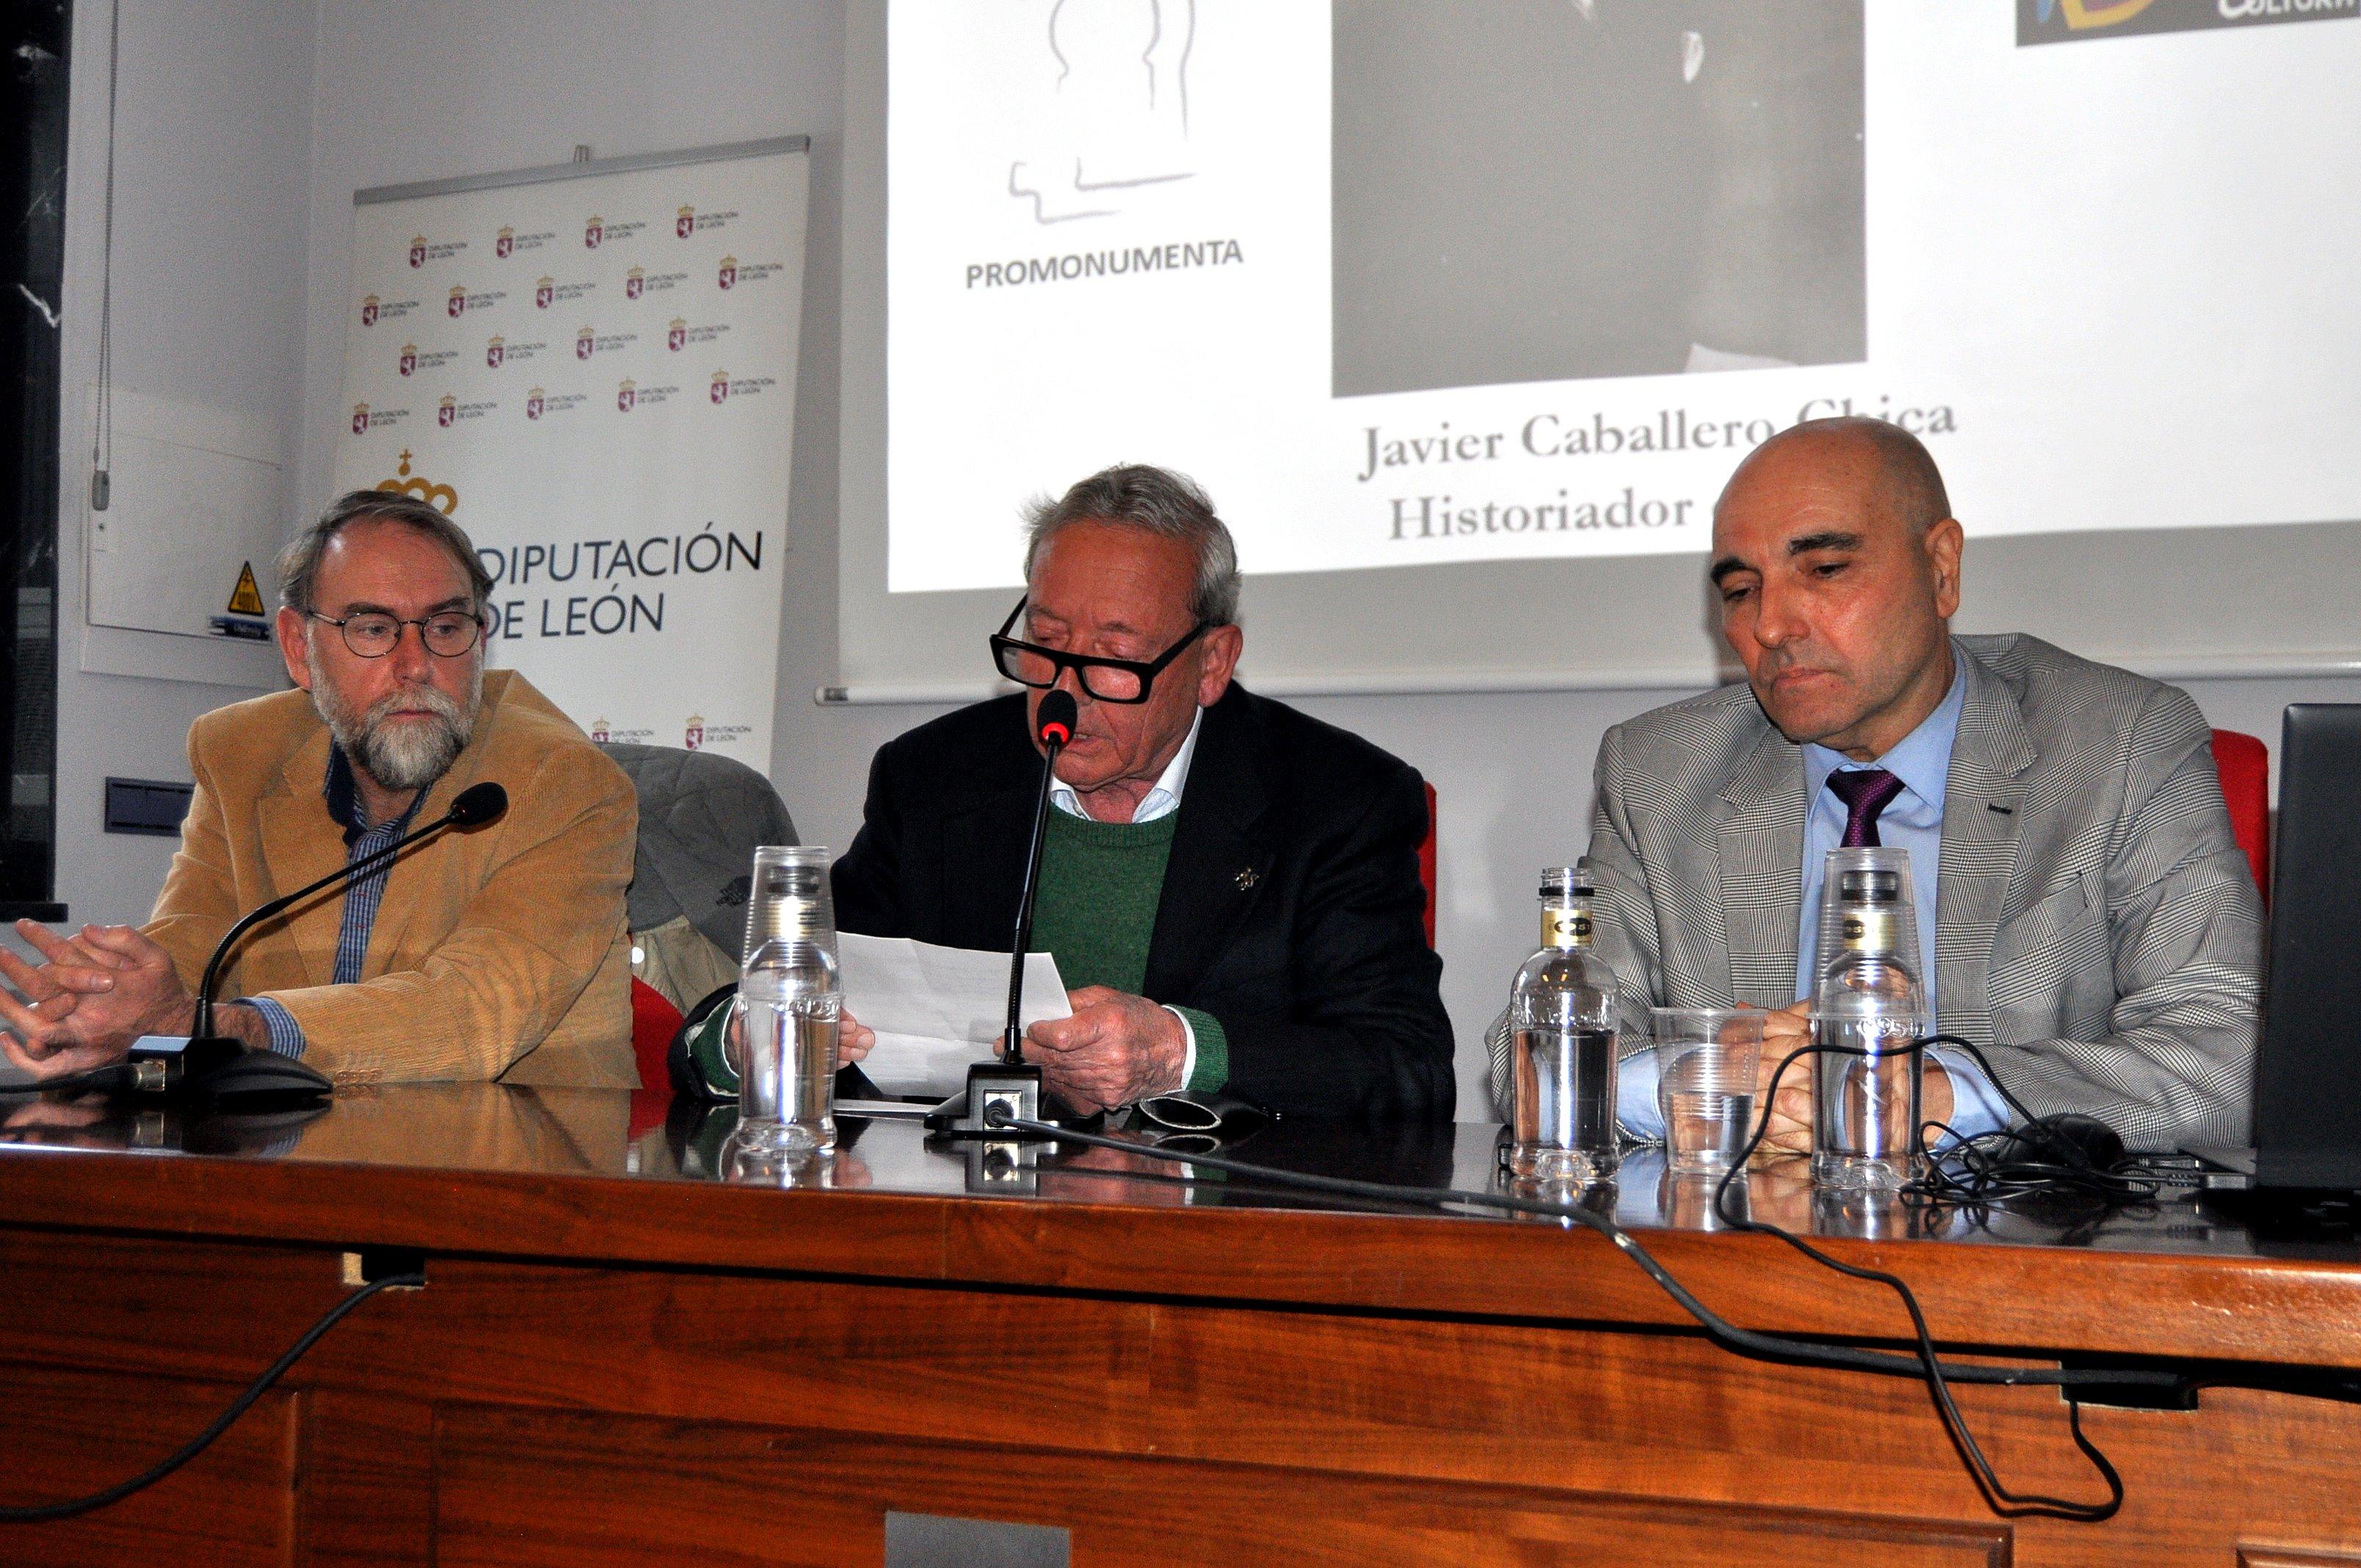 Marcelino Fernández, presidente de Promonumenta, presenta al conferenciante.